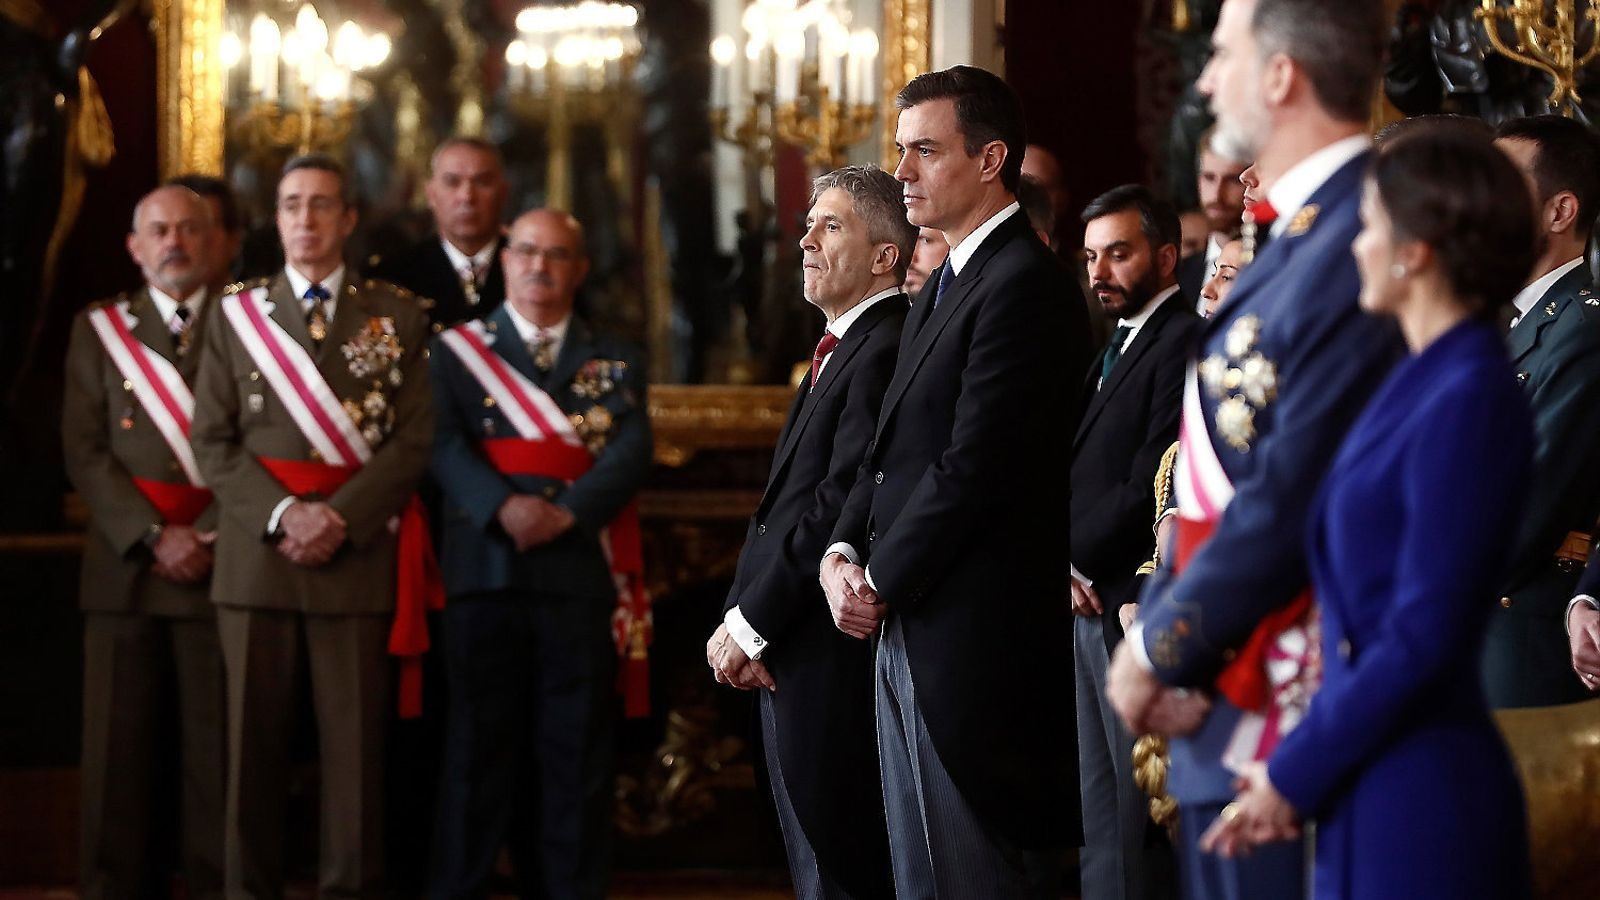 El president del govern espanyol, Pedro Sánchez, i el conseller de l'Interior, Fernando Grande-Marlaska, davant de càrrecs de l'exèrcit durant la celebració de la Pasqua Militar. / MARISCAL / EFE